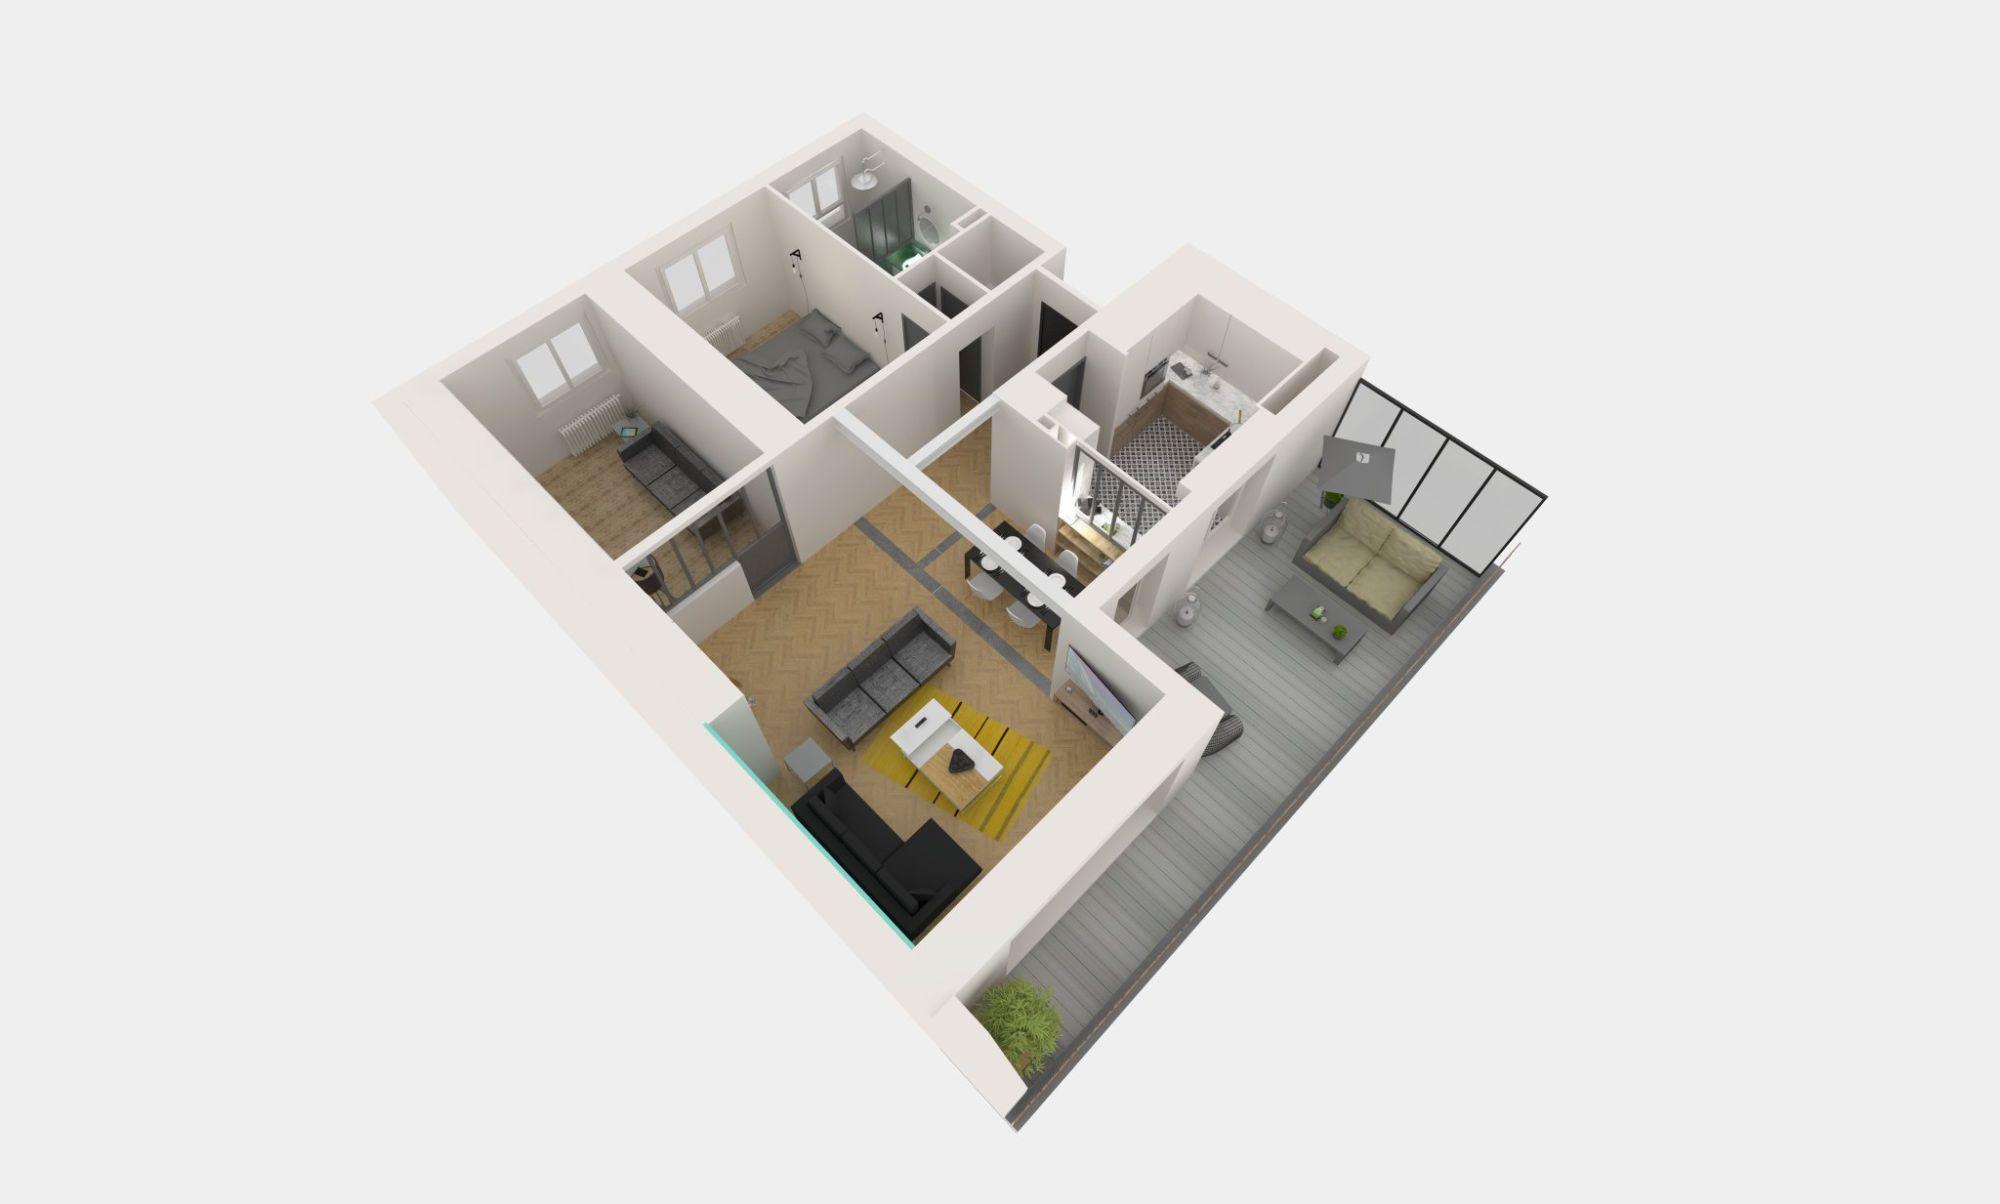 Maquette de l'aménagement de l'appartement